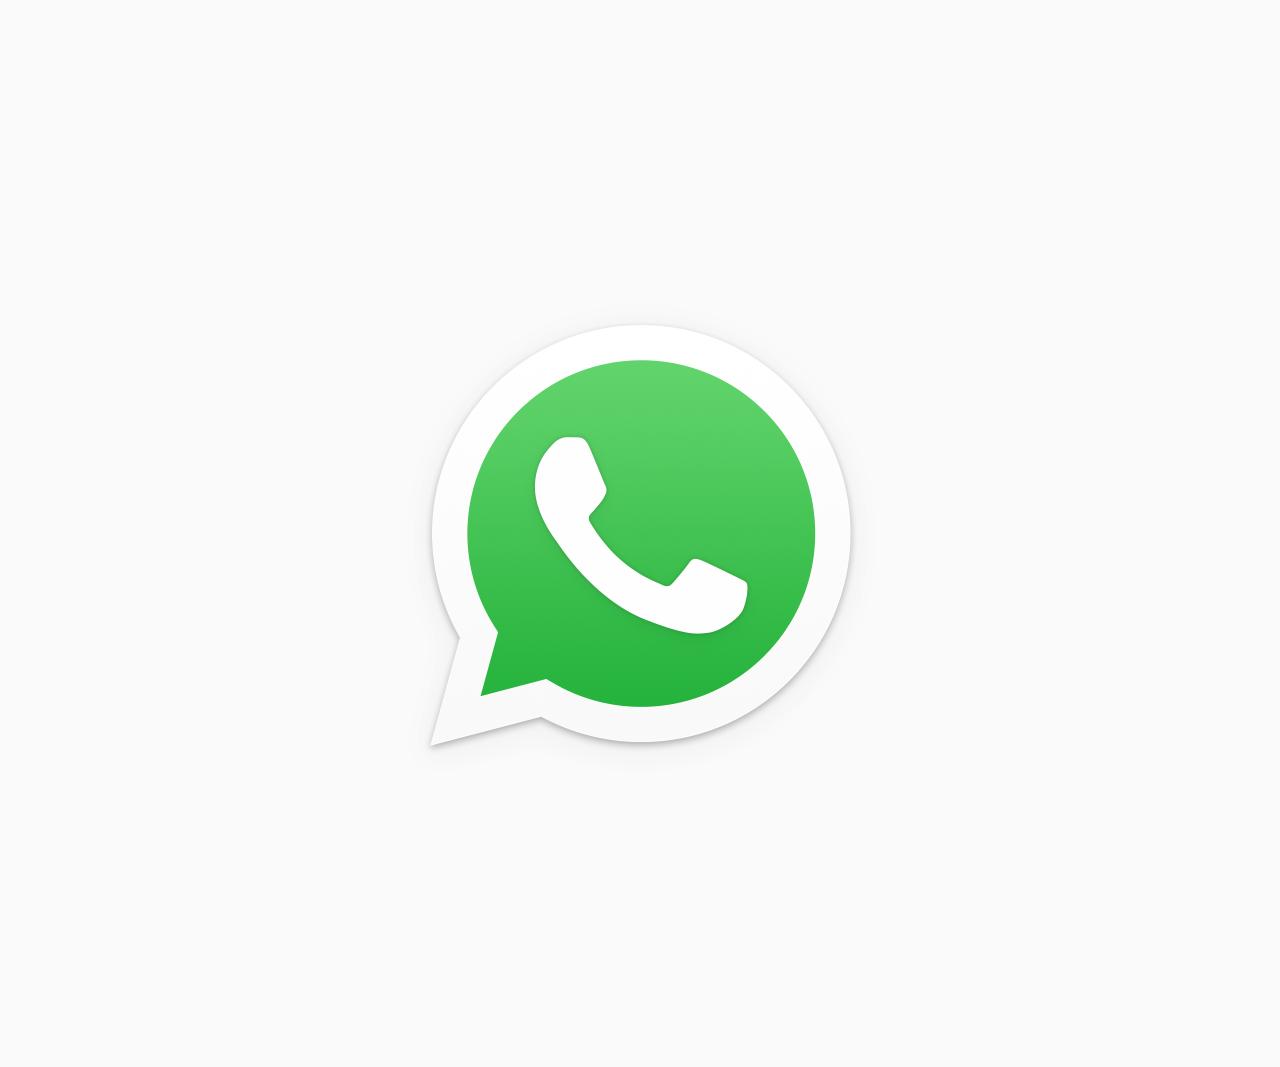 Resultado de imagen para imagen simbolo whatsapp pequeño